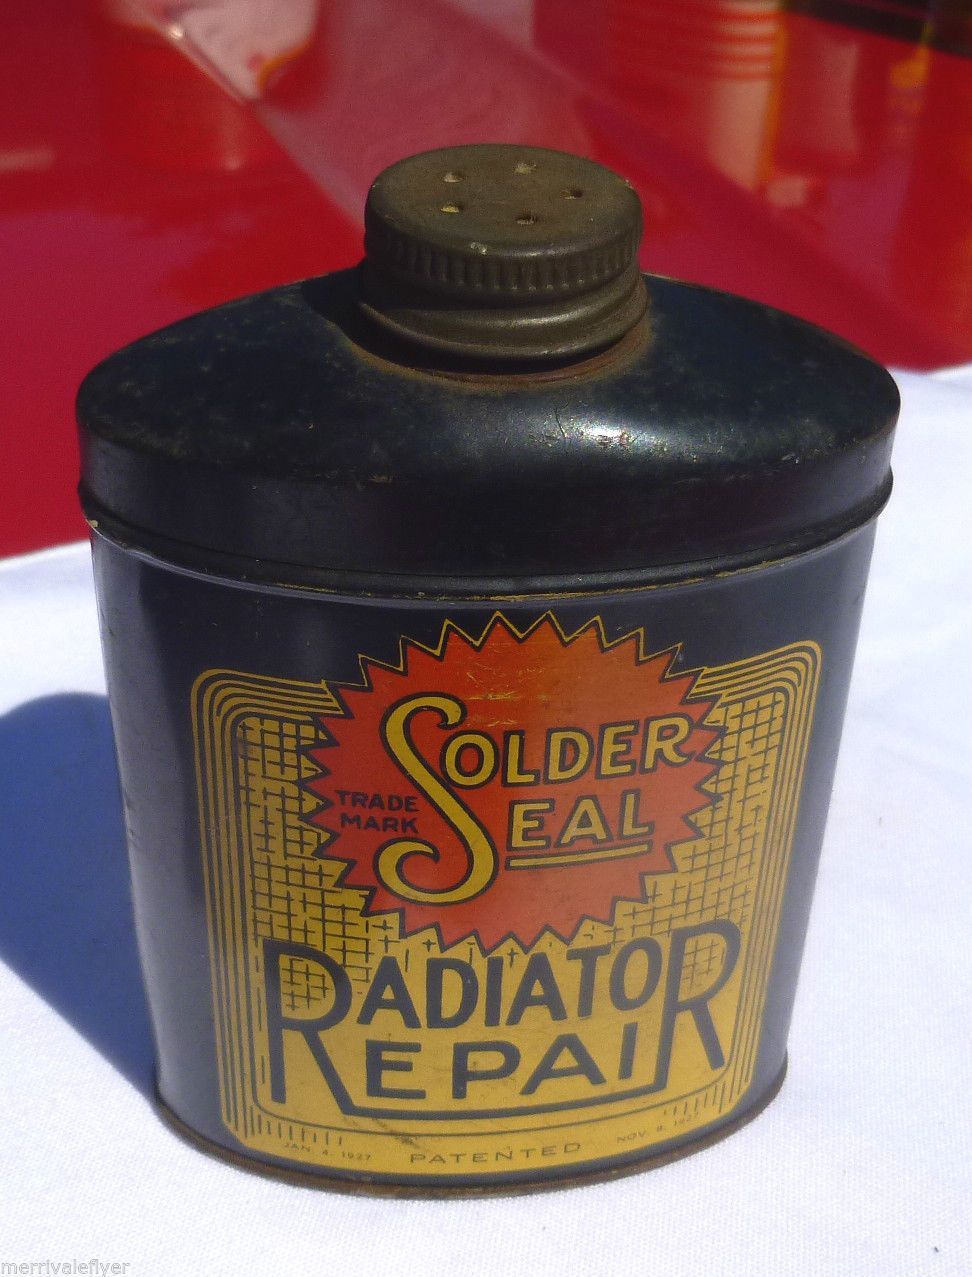 how to fix a radiator leak in a car